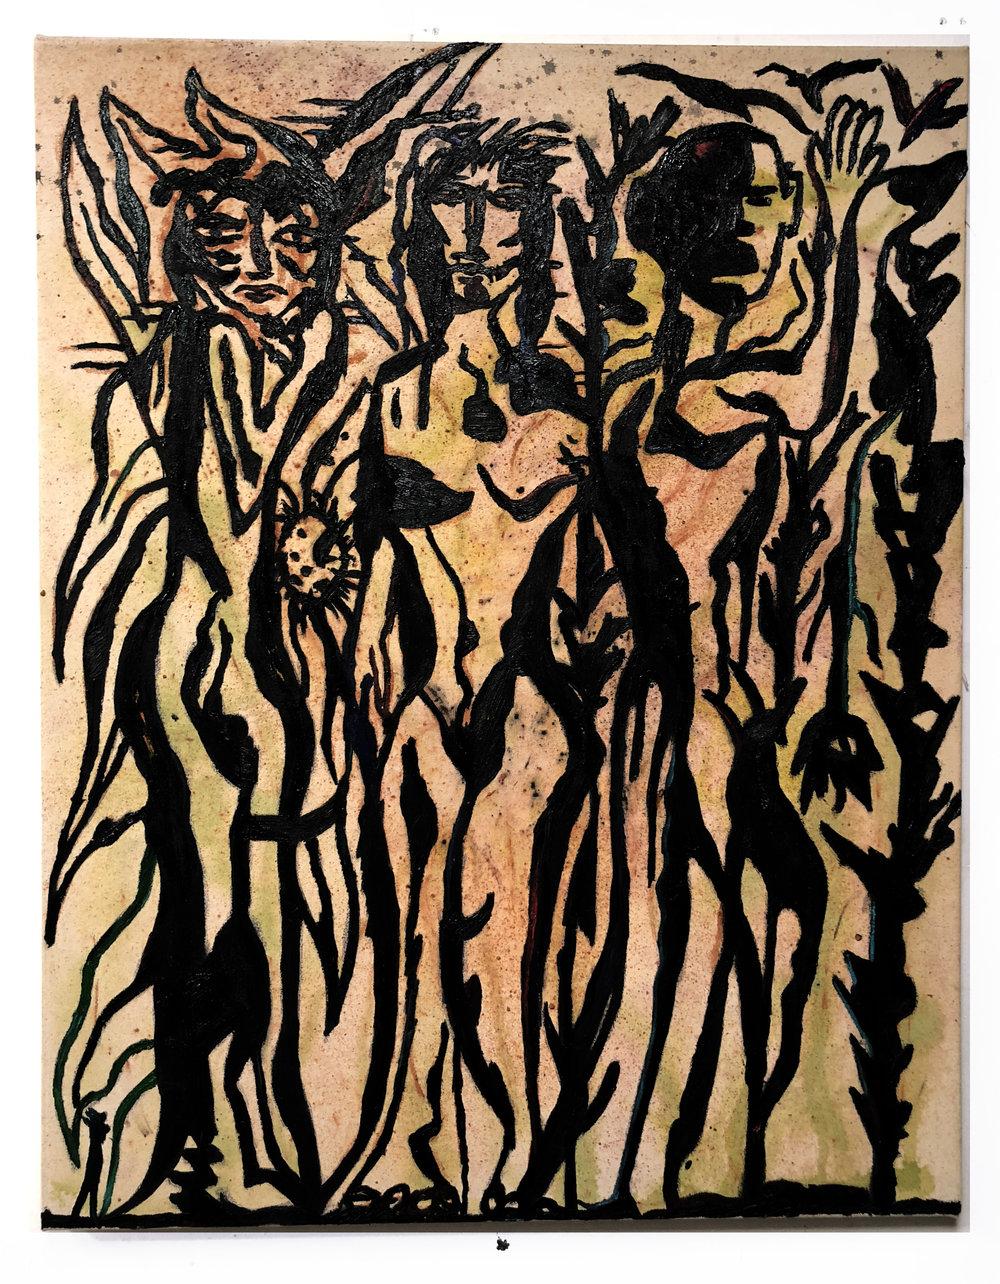 DG_Fig. 3_36 x 46_ Oil on canvas_$1,500.jpg